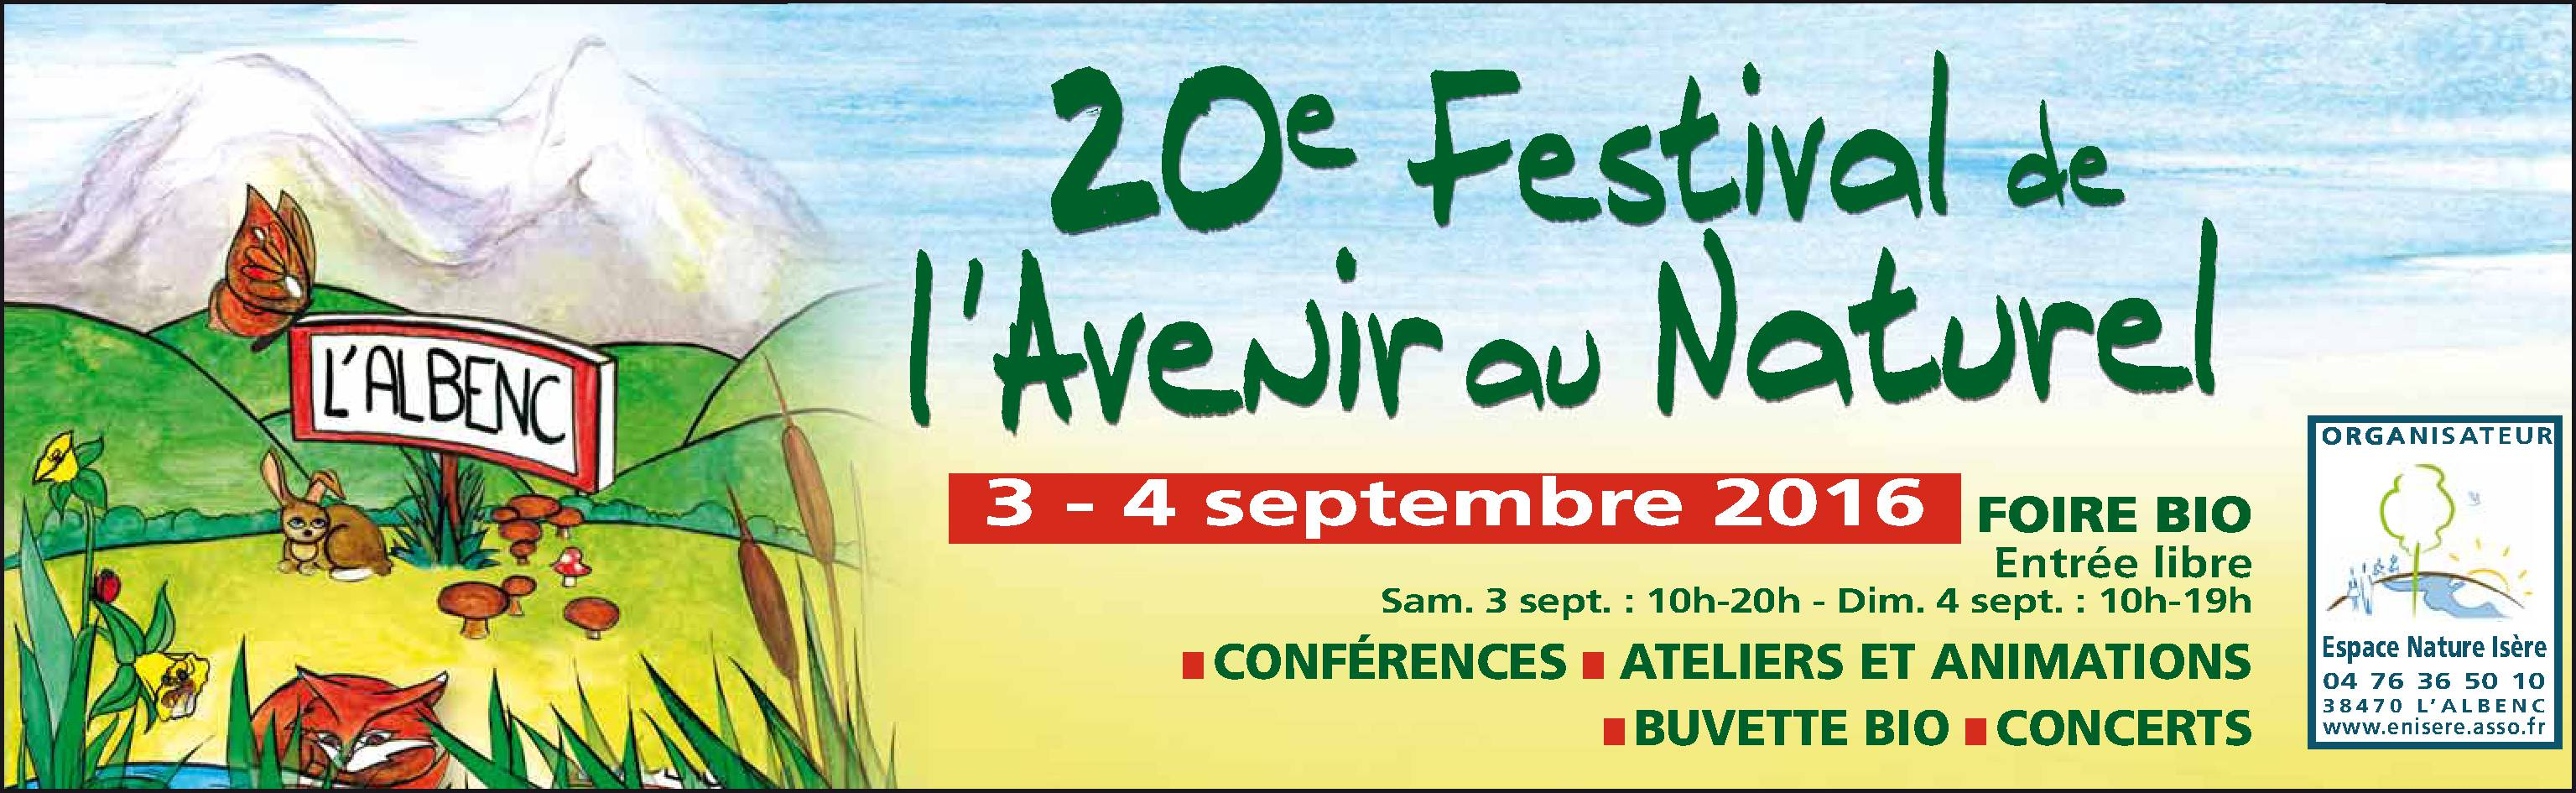 Présentation des produits naturels Kitostim et BioFloc-Plus pour le jardin et la piscine au salon de l'Albenc en septembre 2016